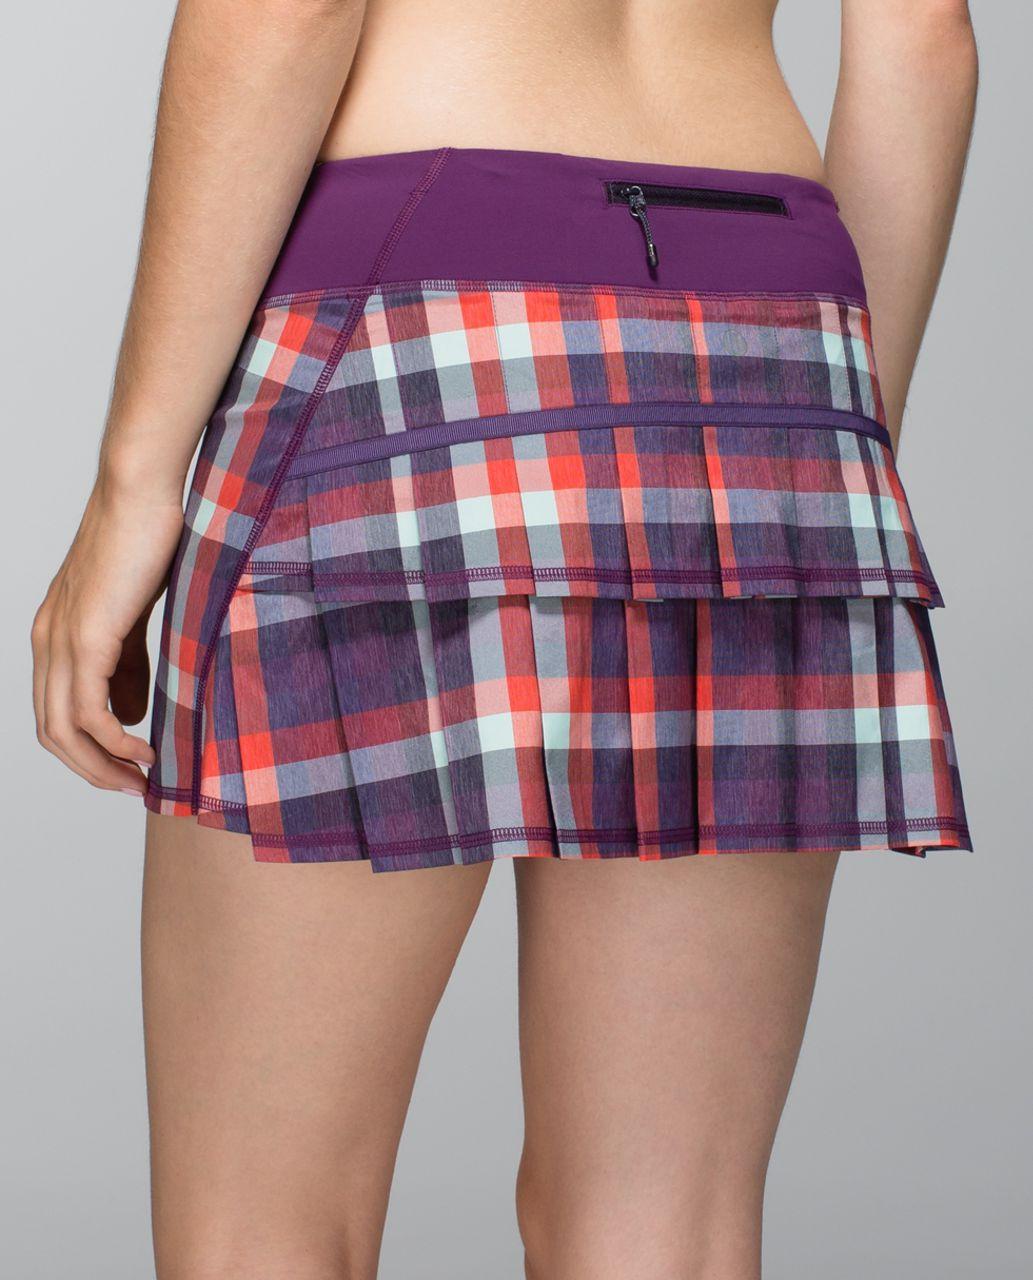 Lululemon Run:  Pace Setter Skirt *2-way Stretch (Regular) - Wheezy Check Multi Heathered Berry Yum Yum / Berry Yum Yum